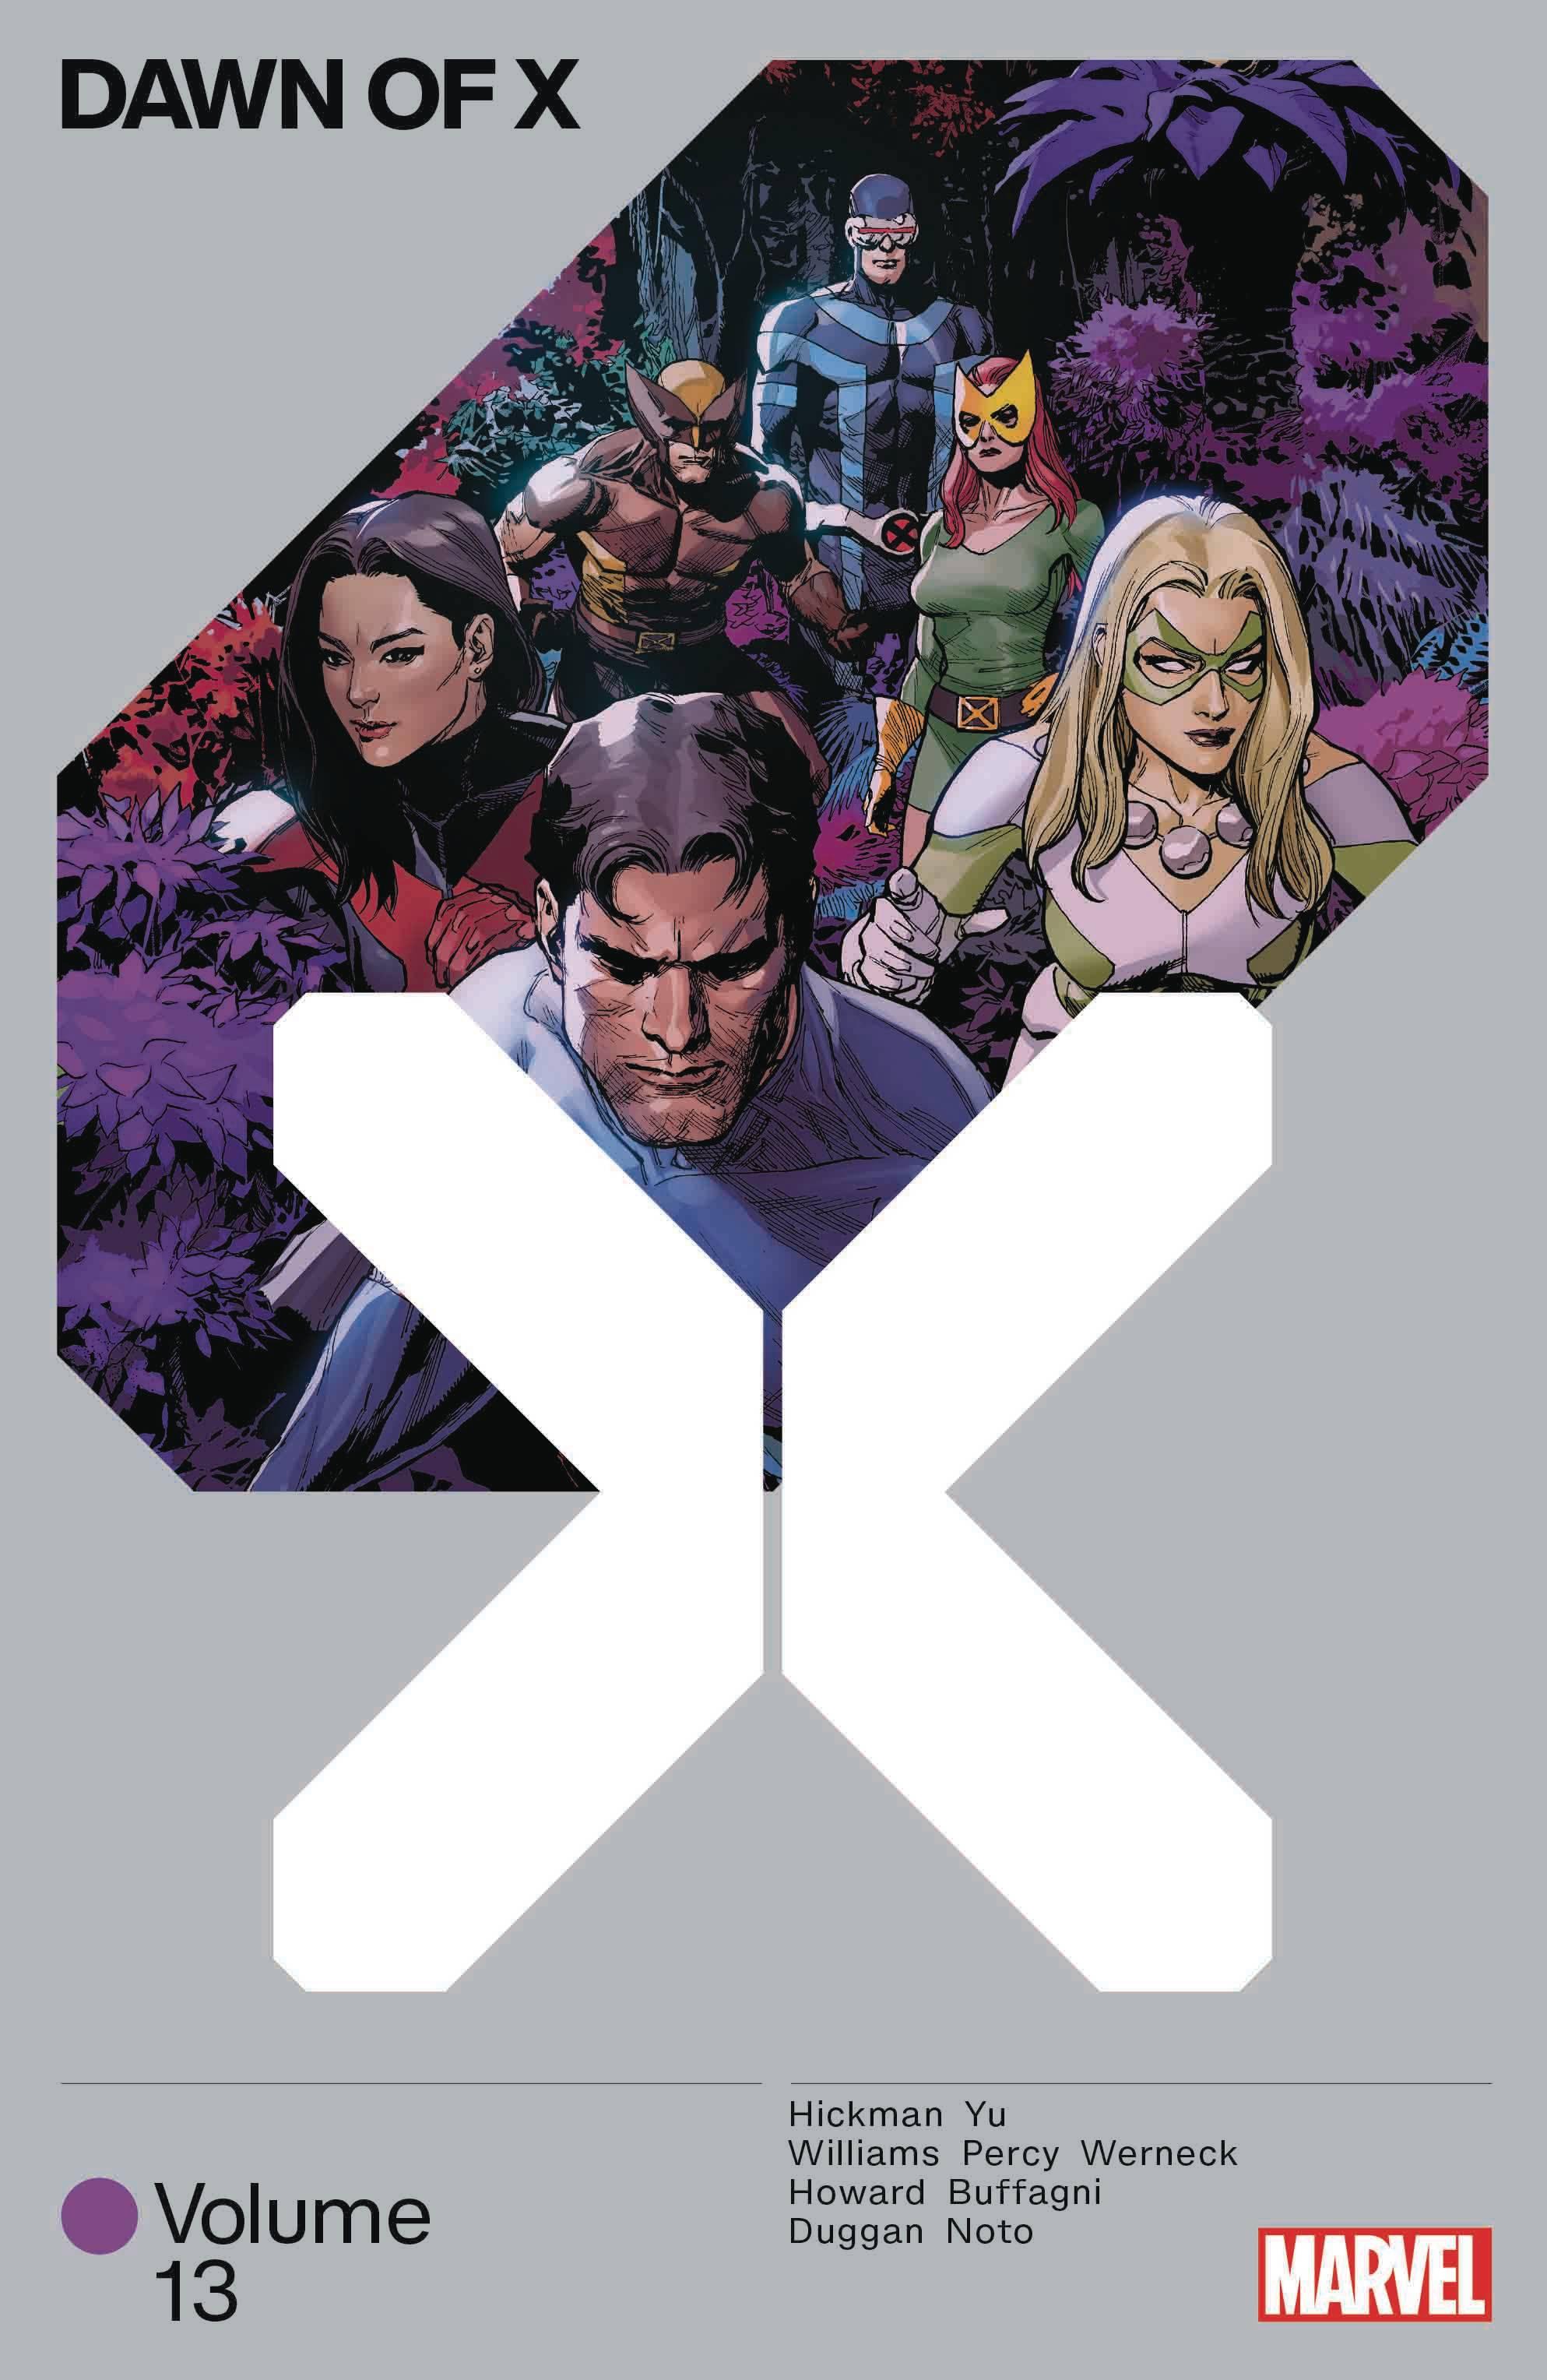 DAWN OF X 13 (VF)